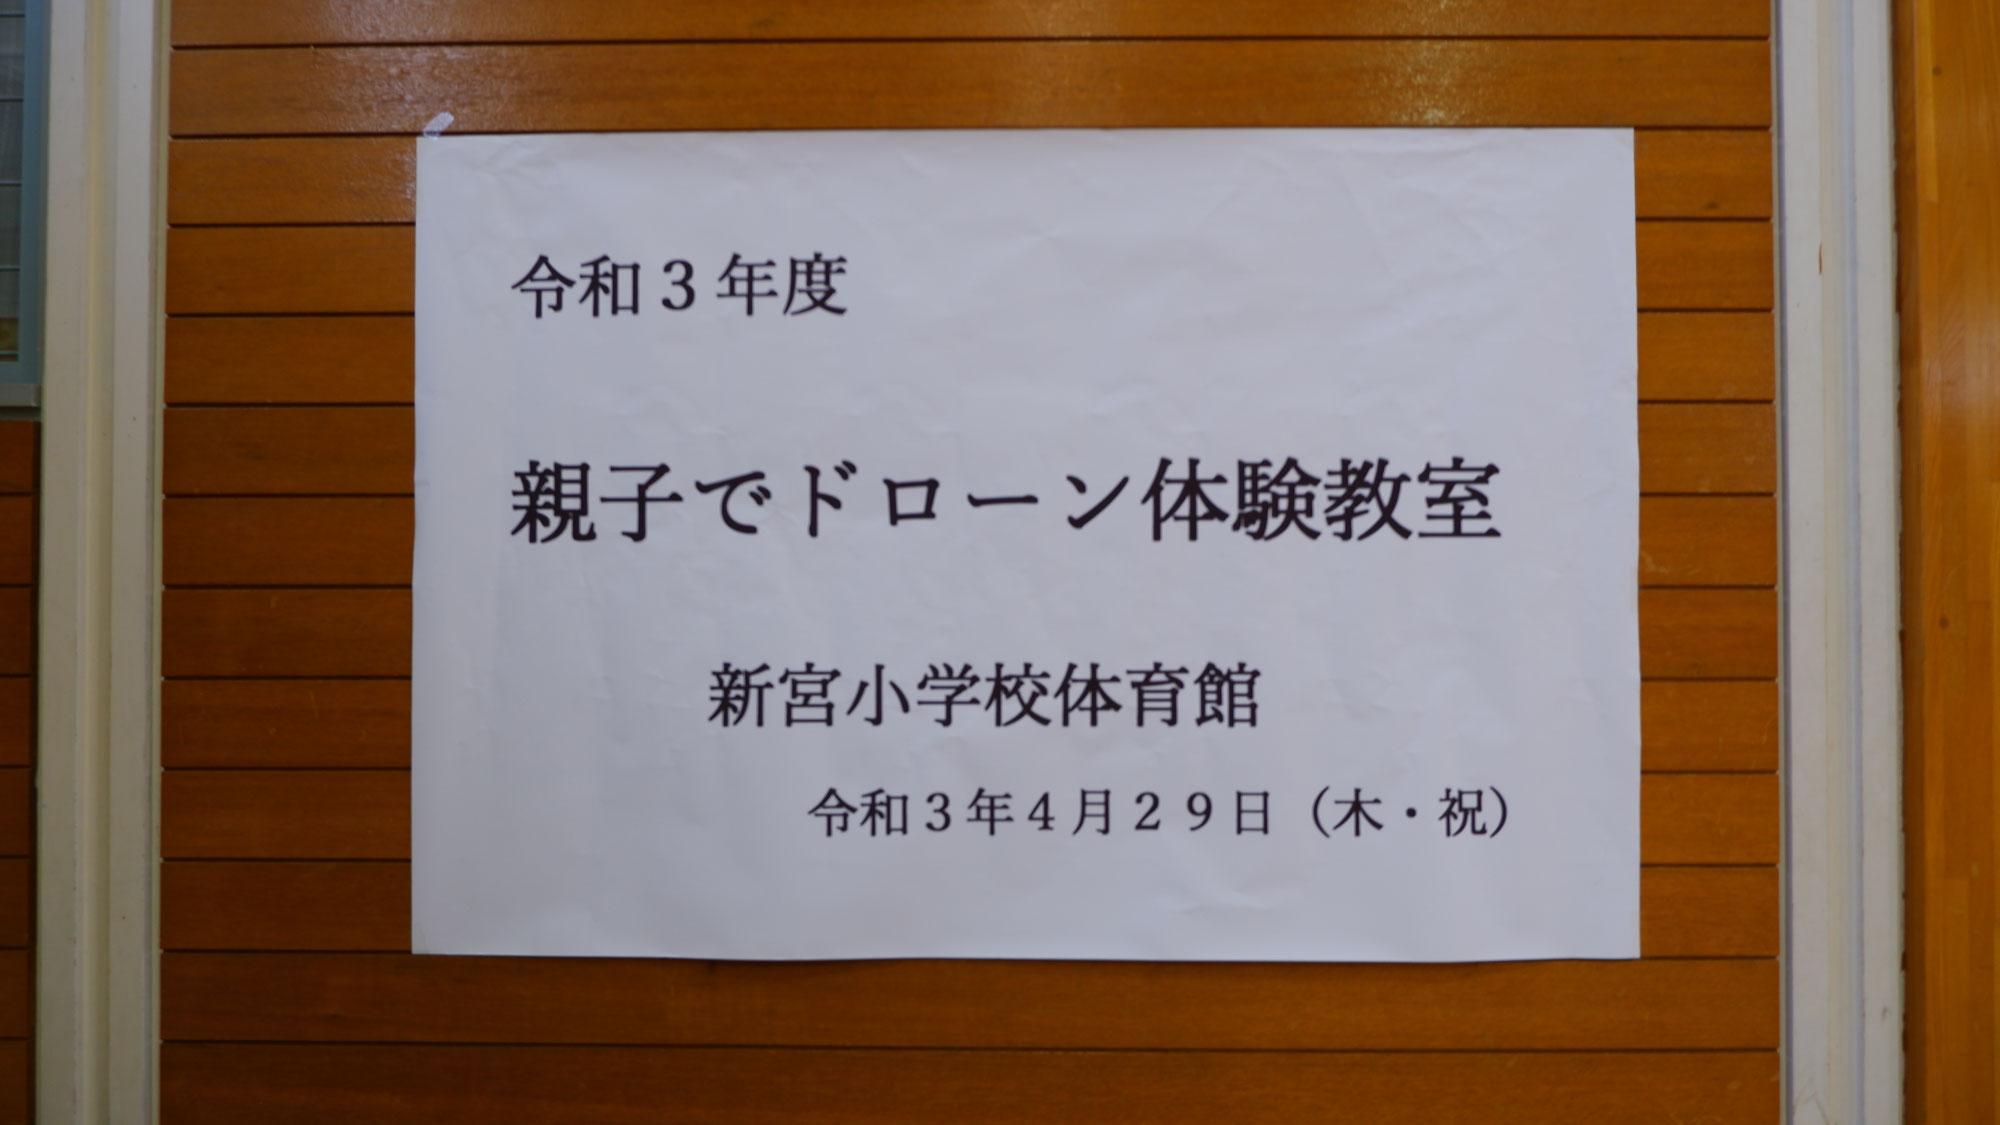 【岐阜 高山市】新宮小学校で''親子でドローン体験教室''が開催されました。